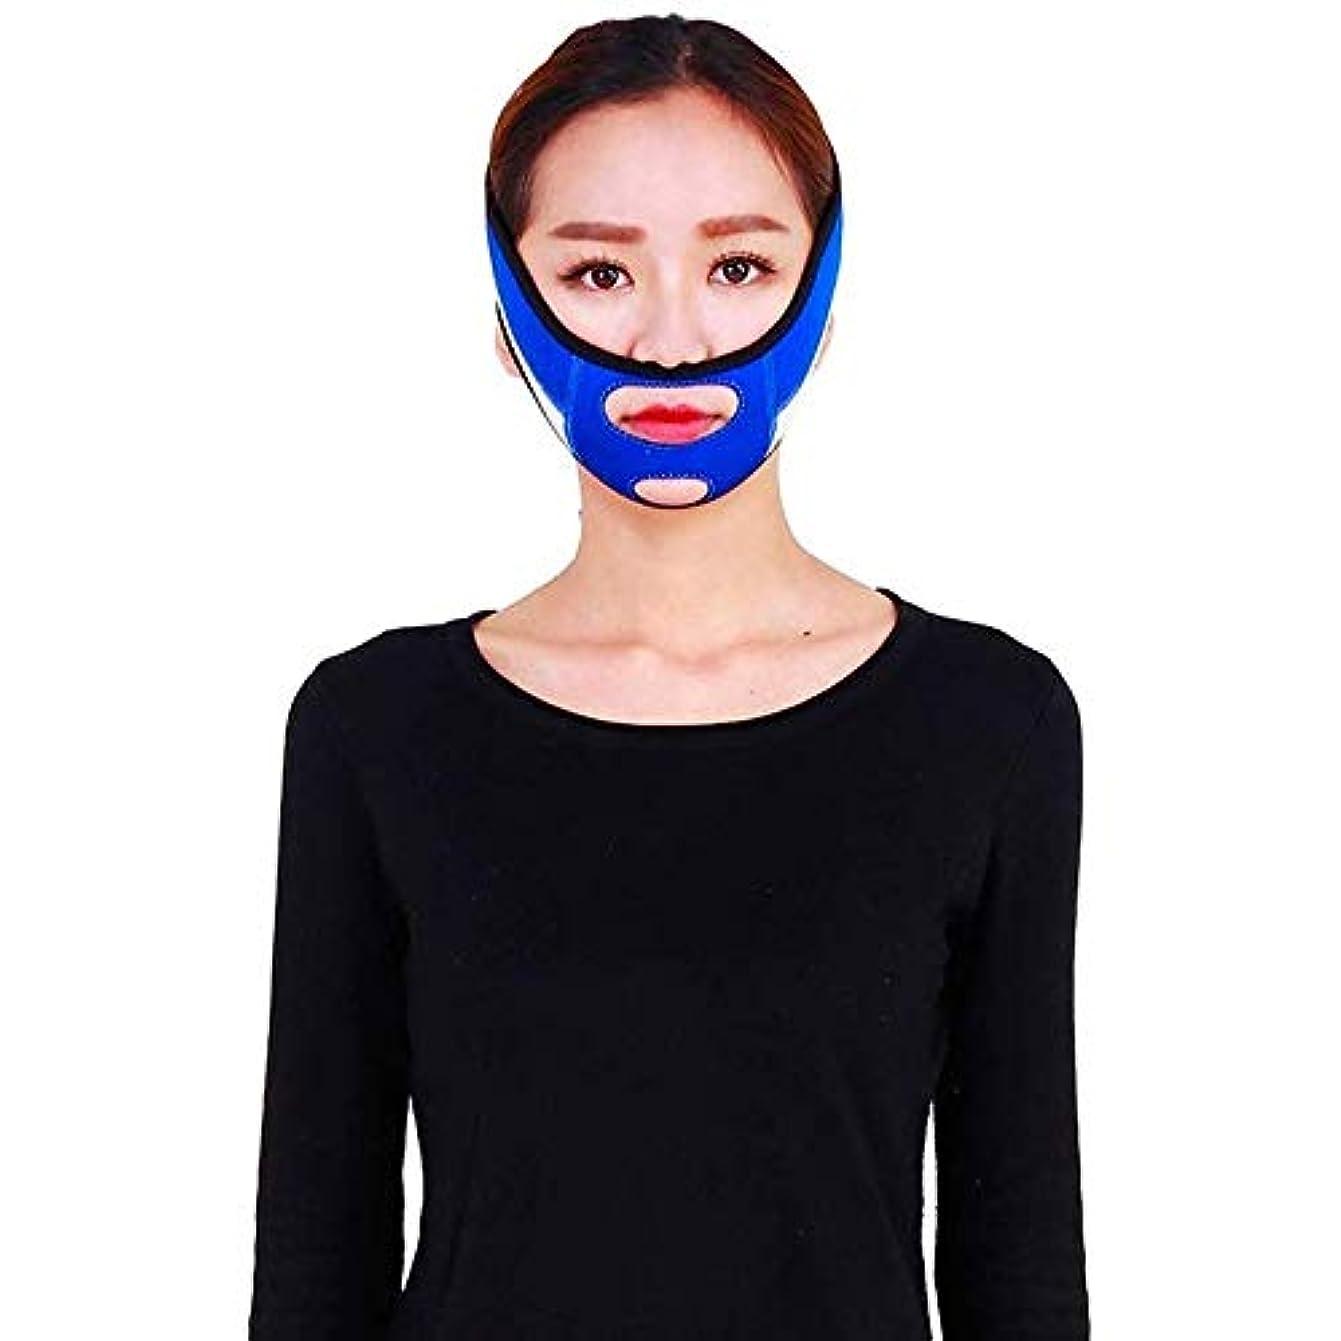 受付要件クラシカルWSJTT 女性のための顔のリフティングベルト、Vラインチンチークリフトアップバンドアンチリンクル包帯、スリミング包帯二重あごケア減量Vフェイスベルト補正ベルト